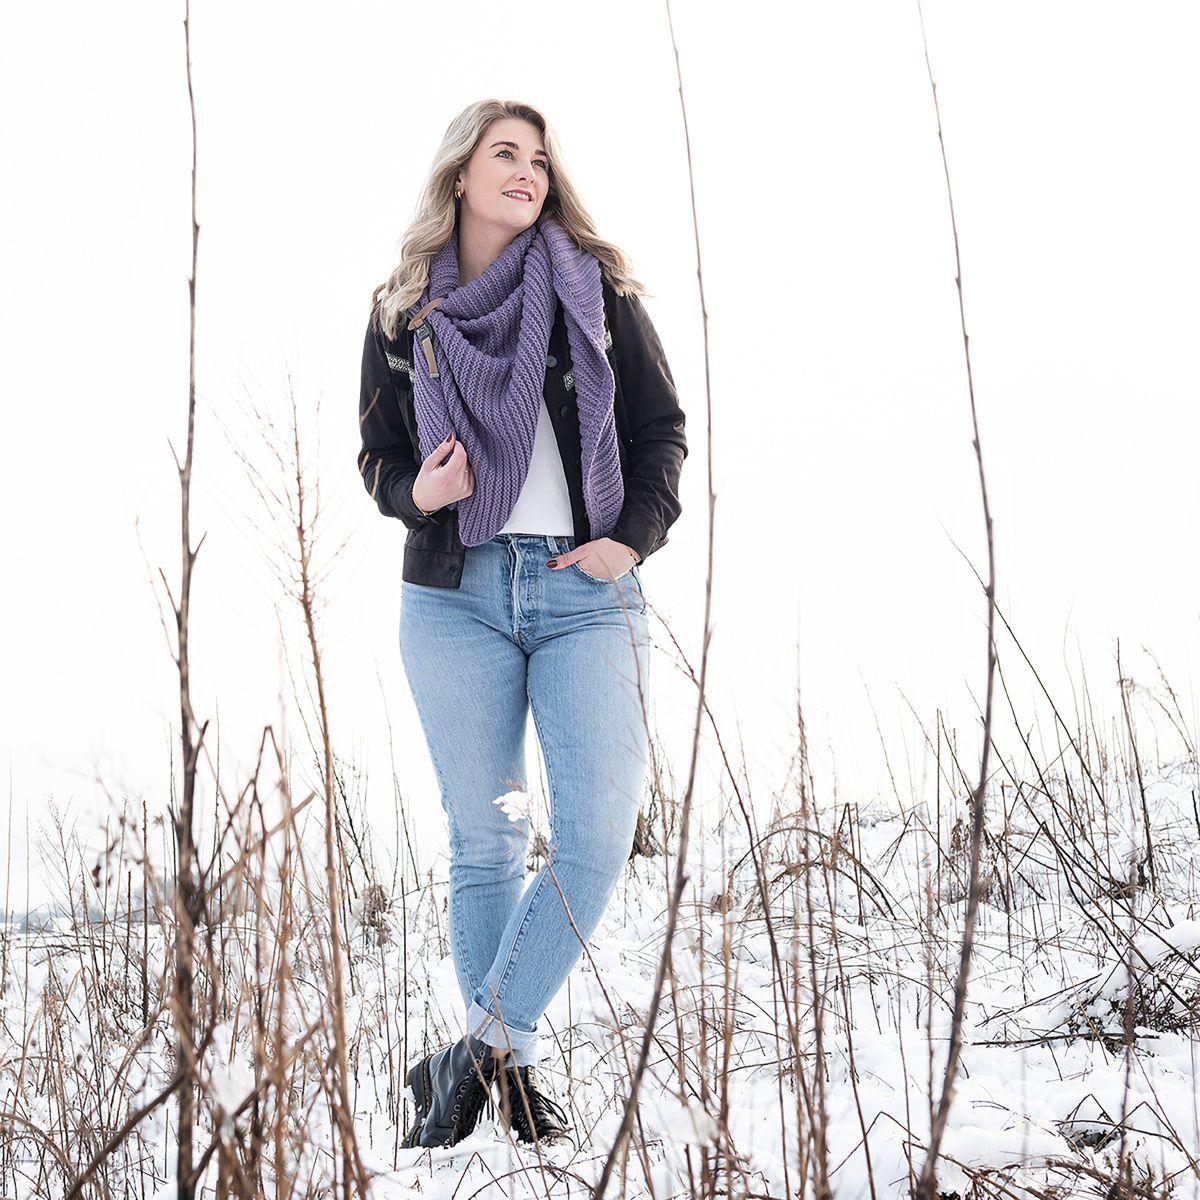 knit factory kf14706004350 demy omslagdoek violet 4